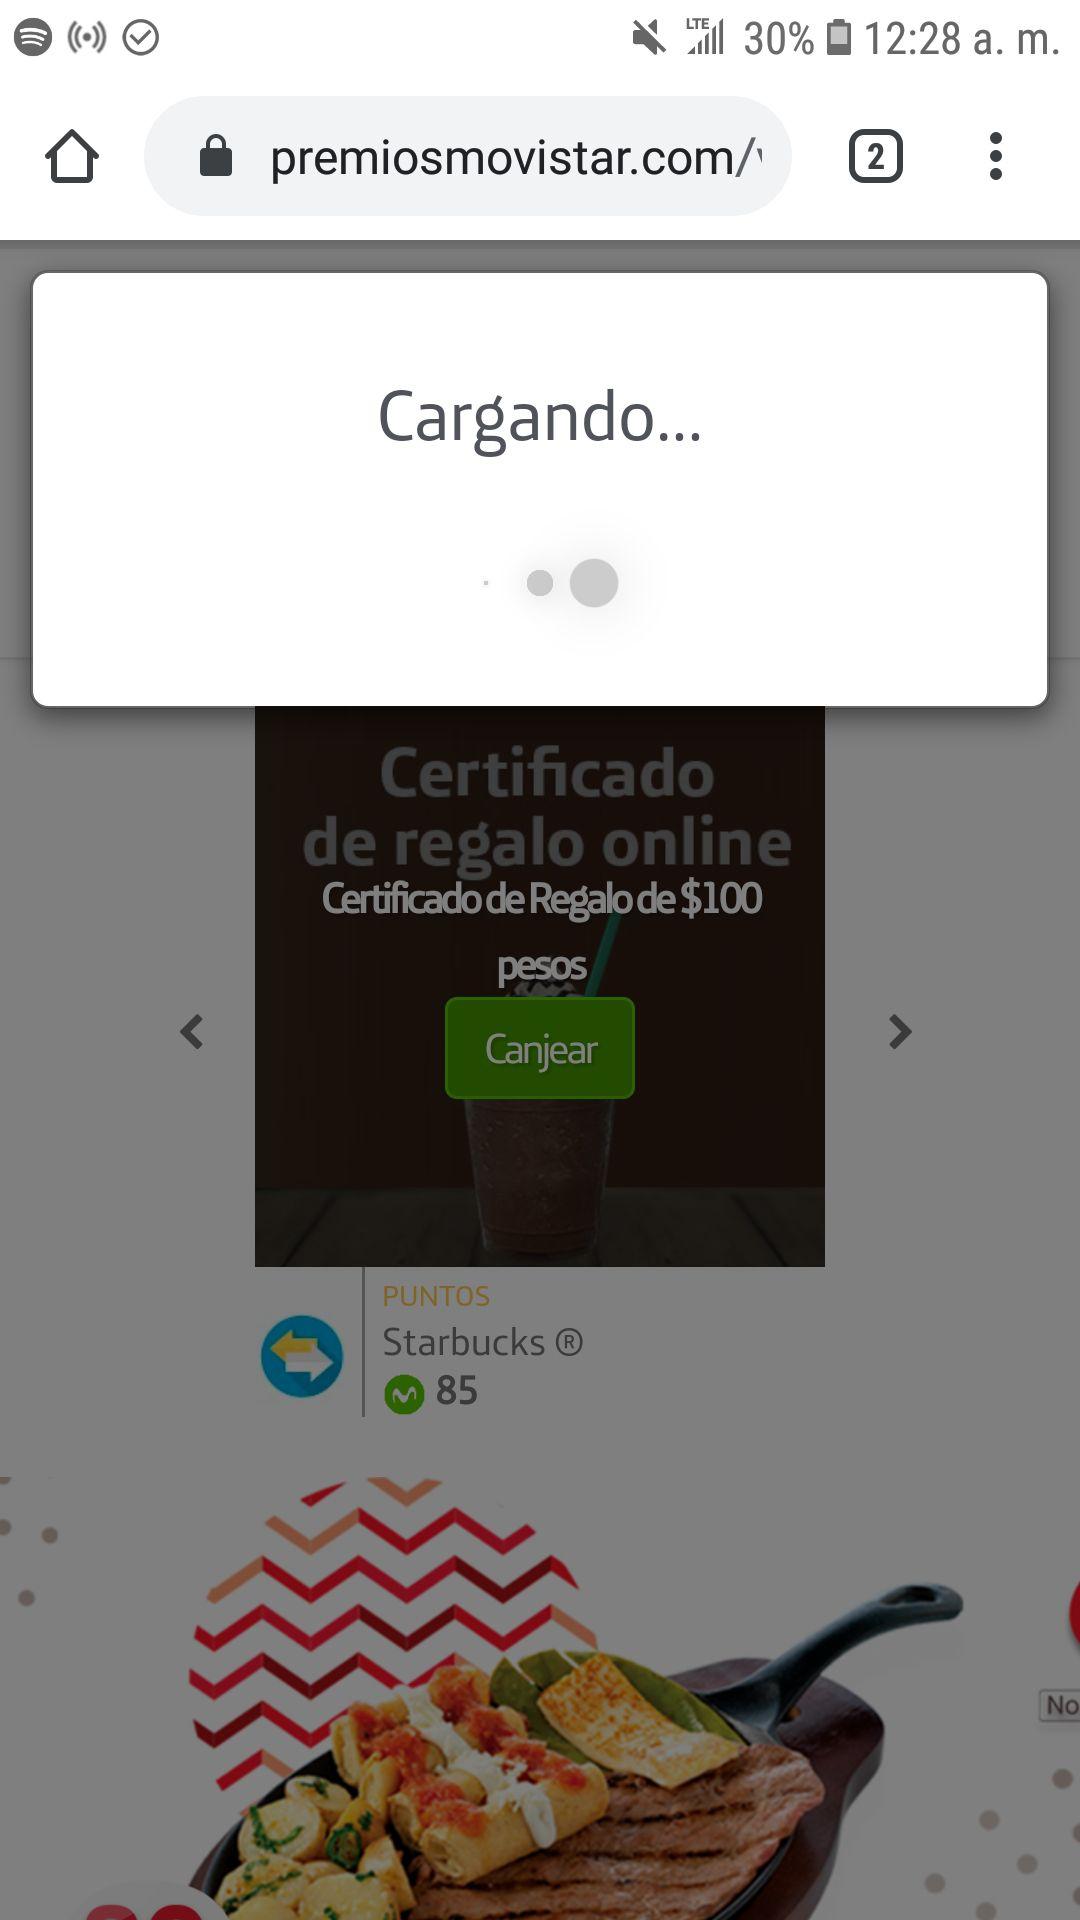 Movistar: CERTIFICADO DE REGALO STARBUCKS de $100 por 85 puntos